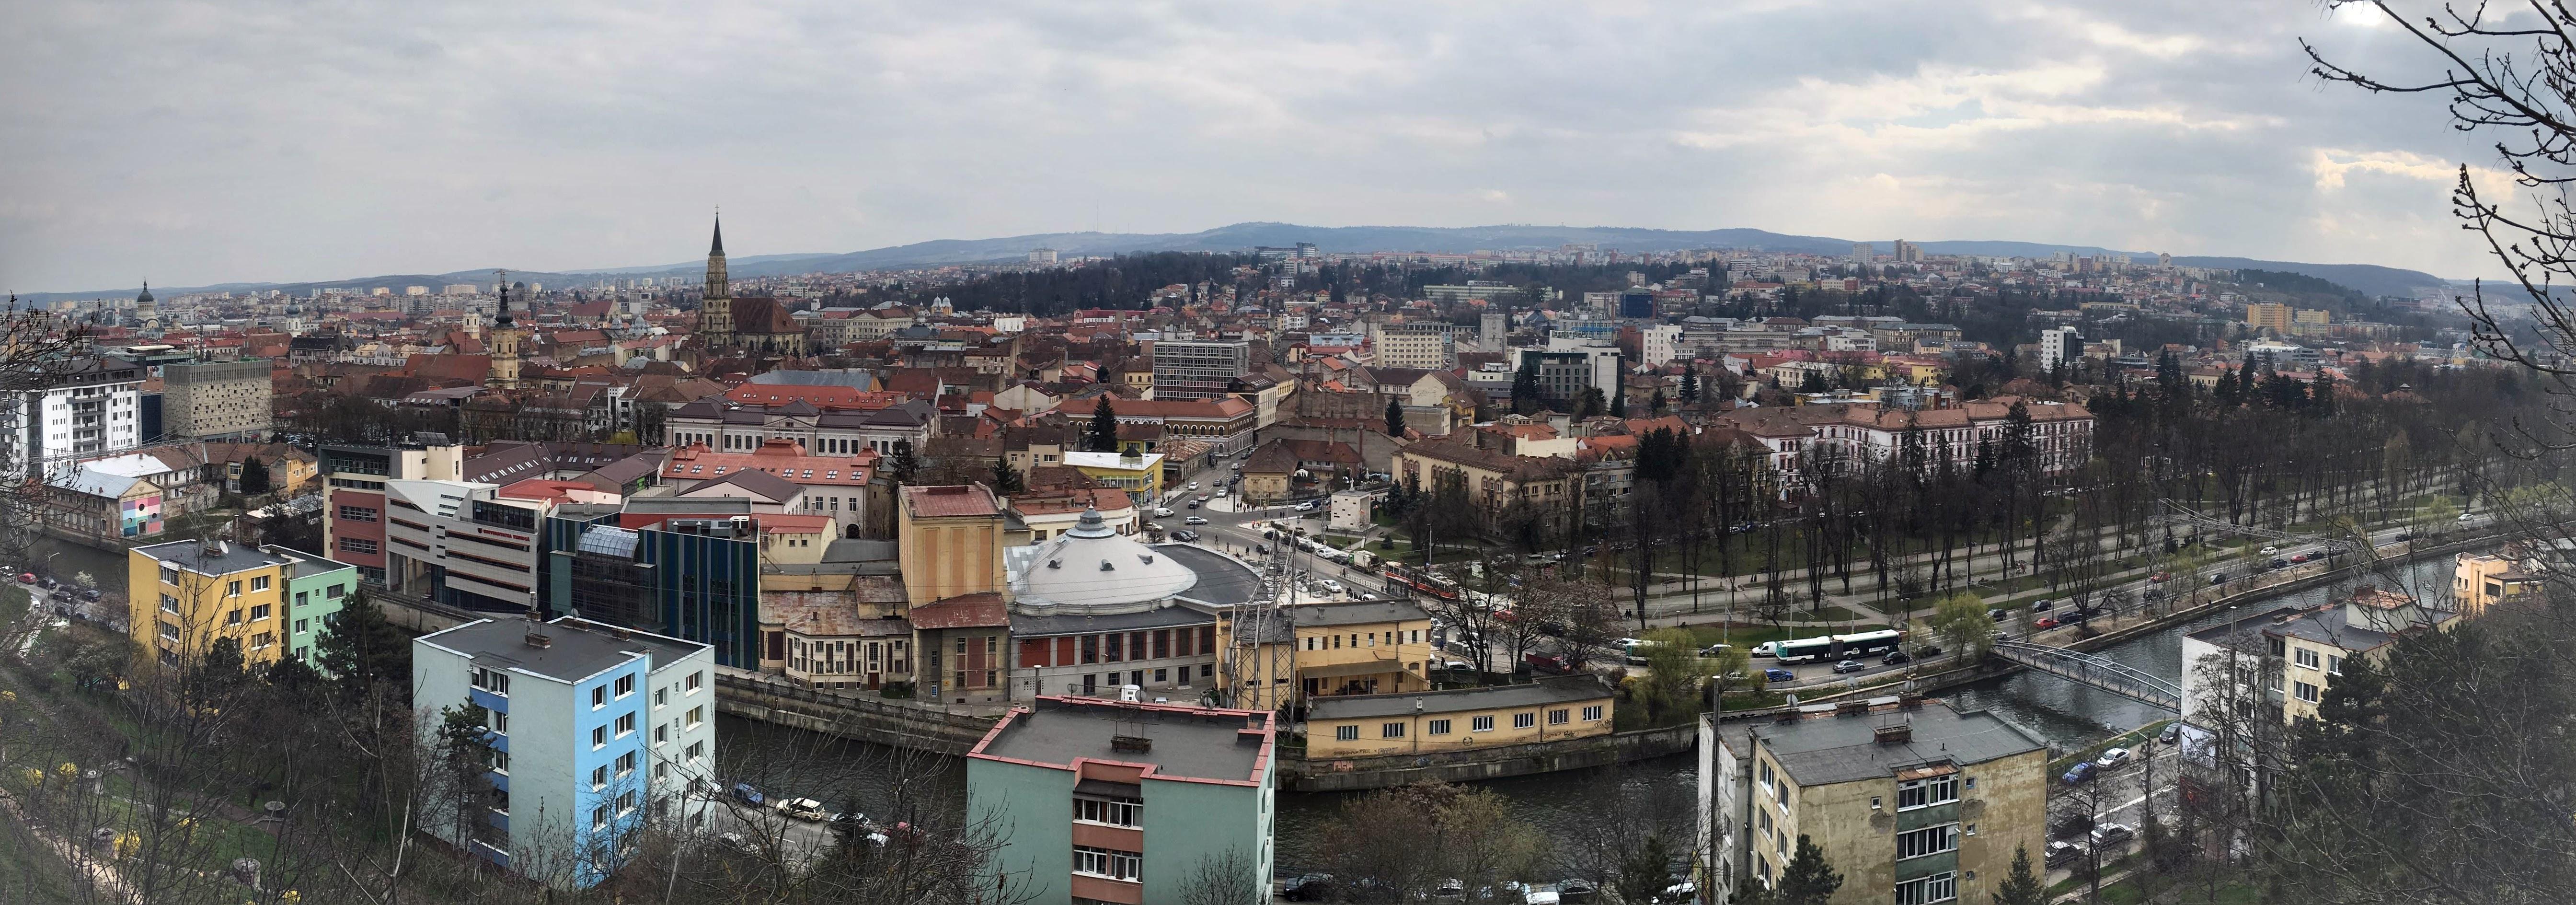 Cluj panorama from Cetatuie